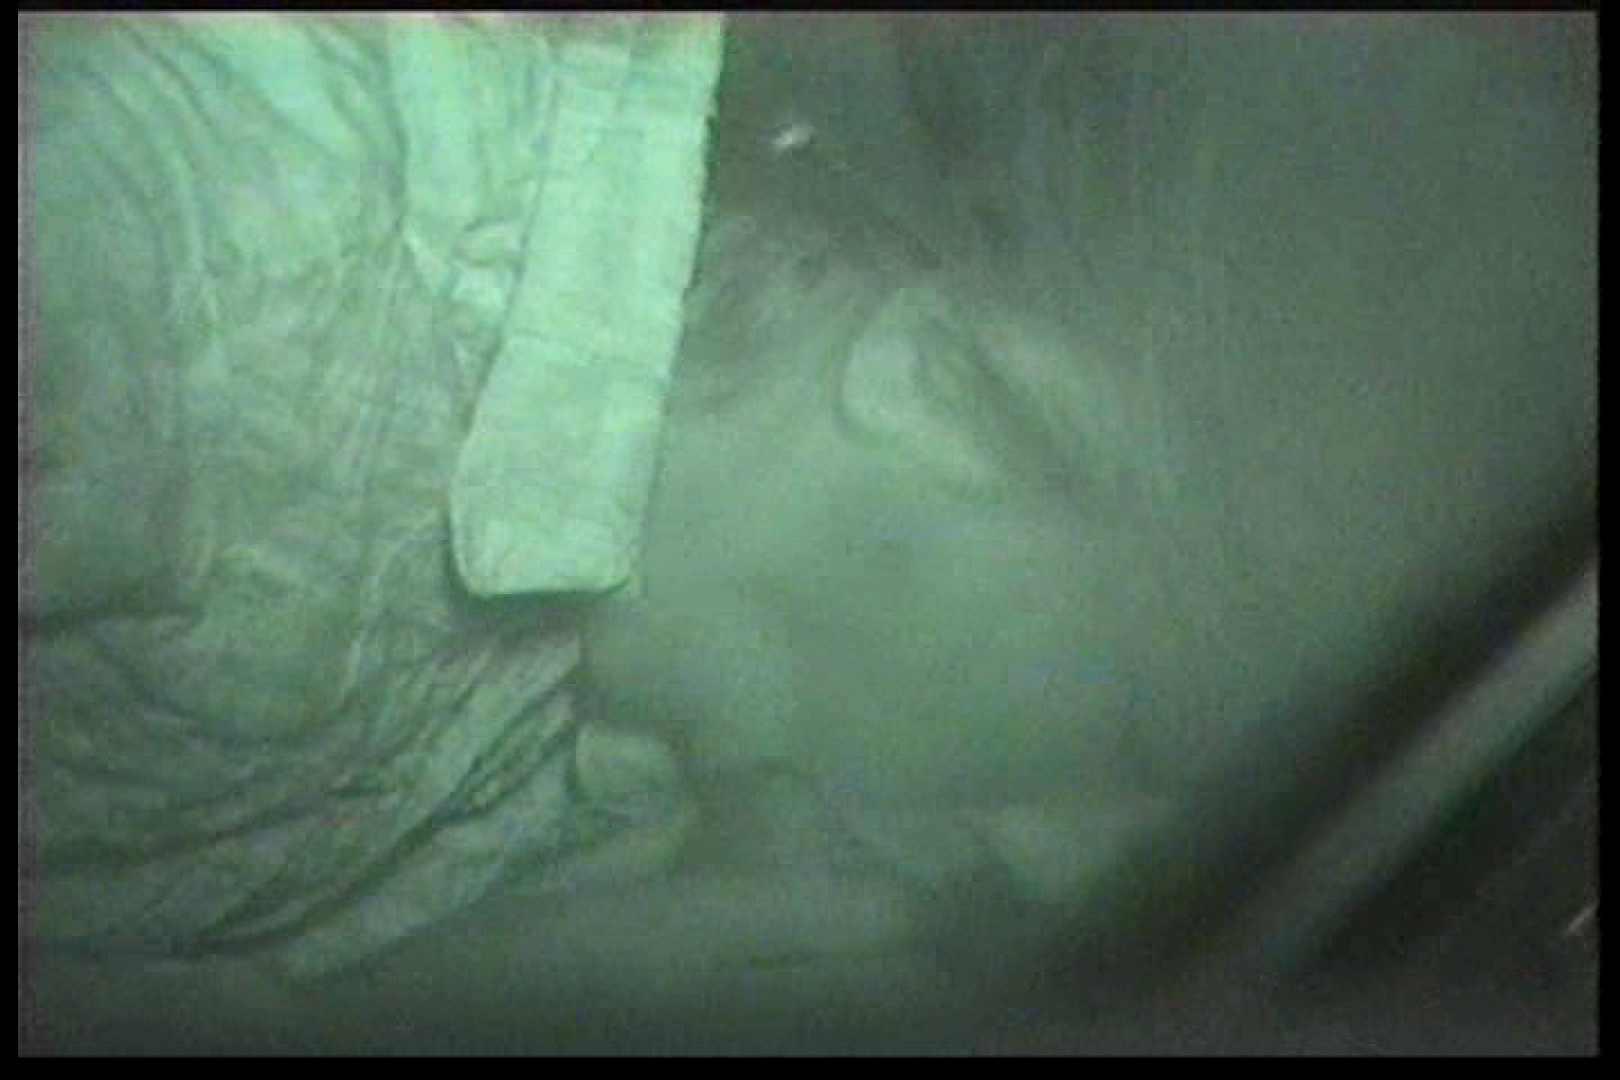 カーセックス未編集・無修正版 Vol.8前編 セックス流出映像 アダルト動画キャプチャ 56連発 51